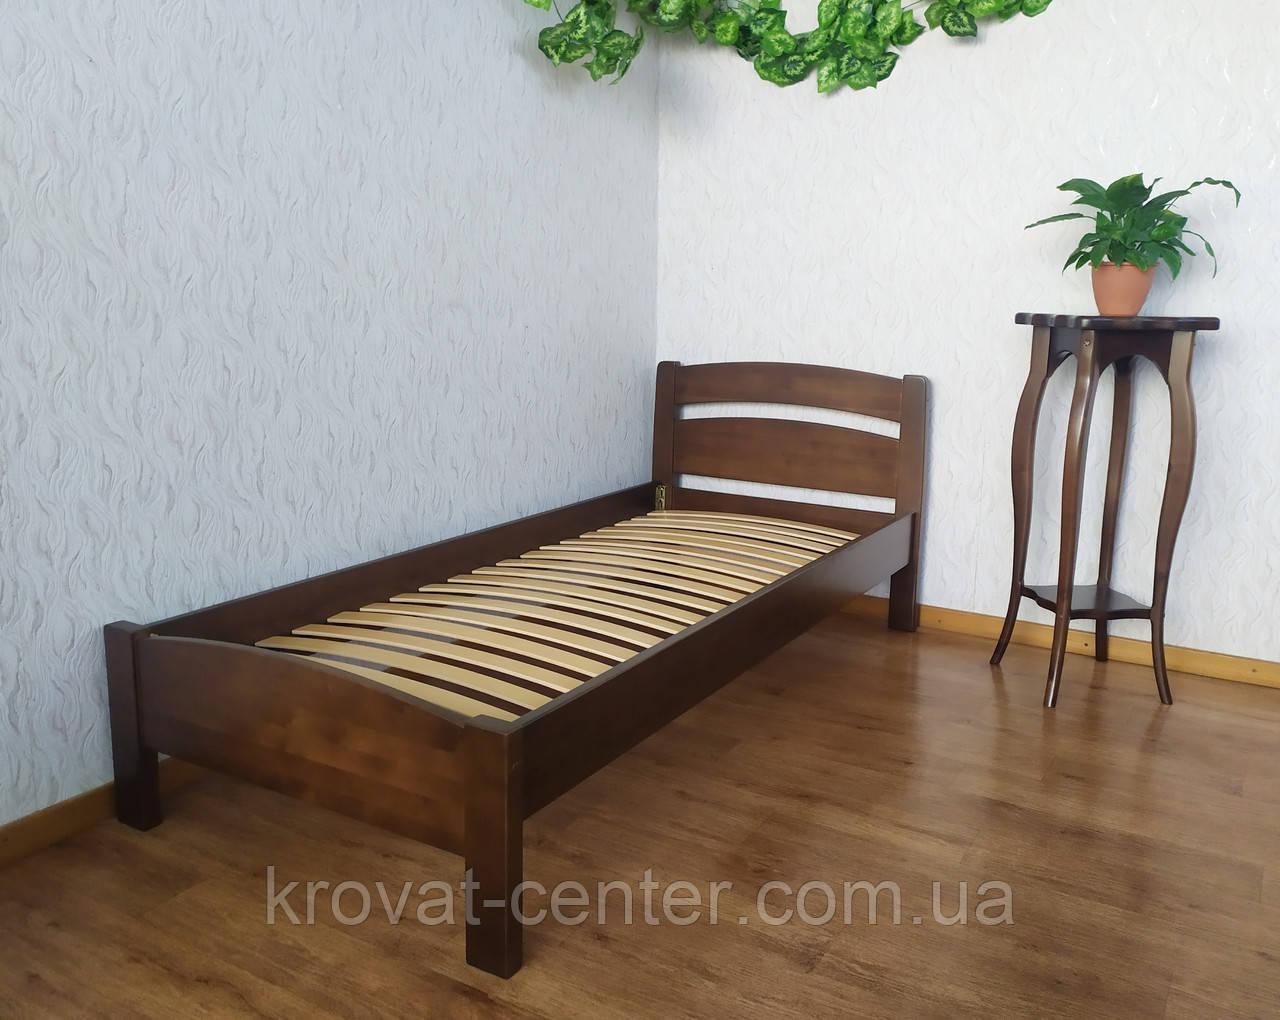 """Детская кровать из массива натурального дерева """"Марта"""""""